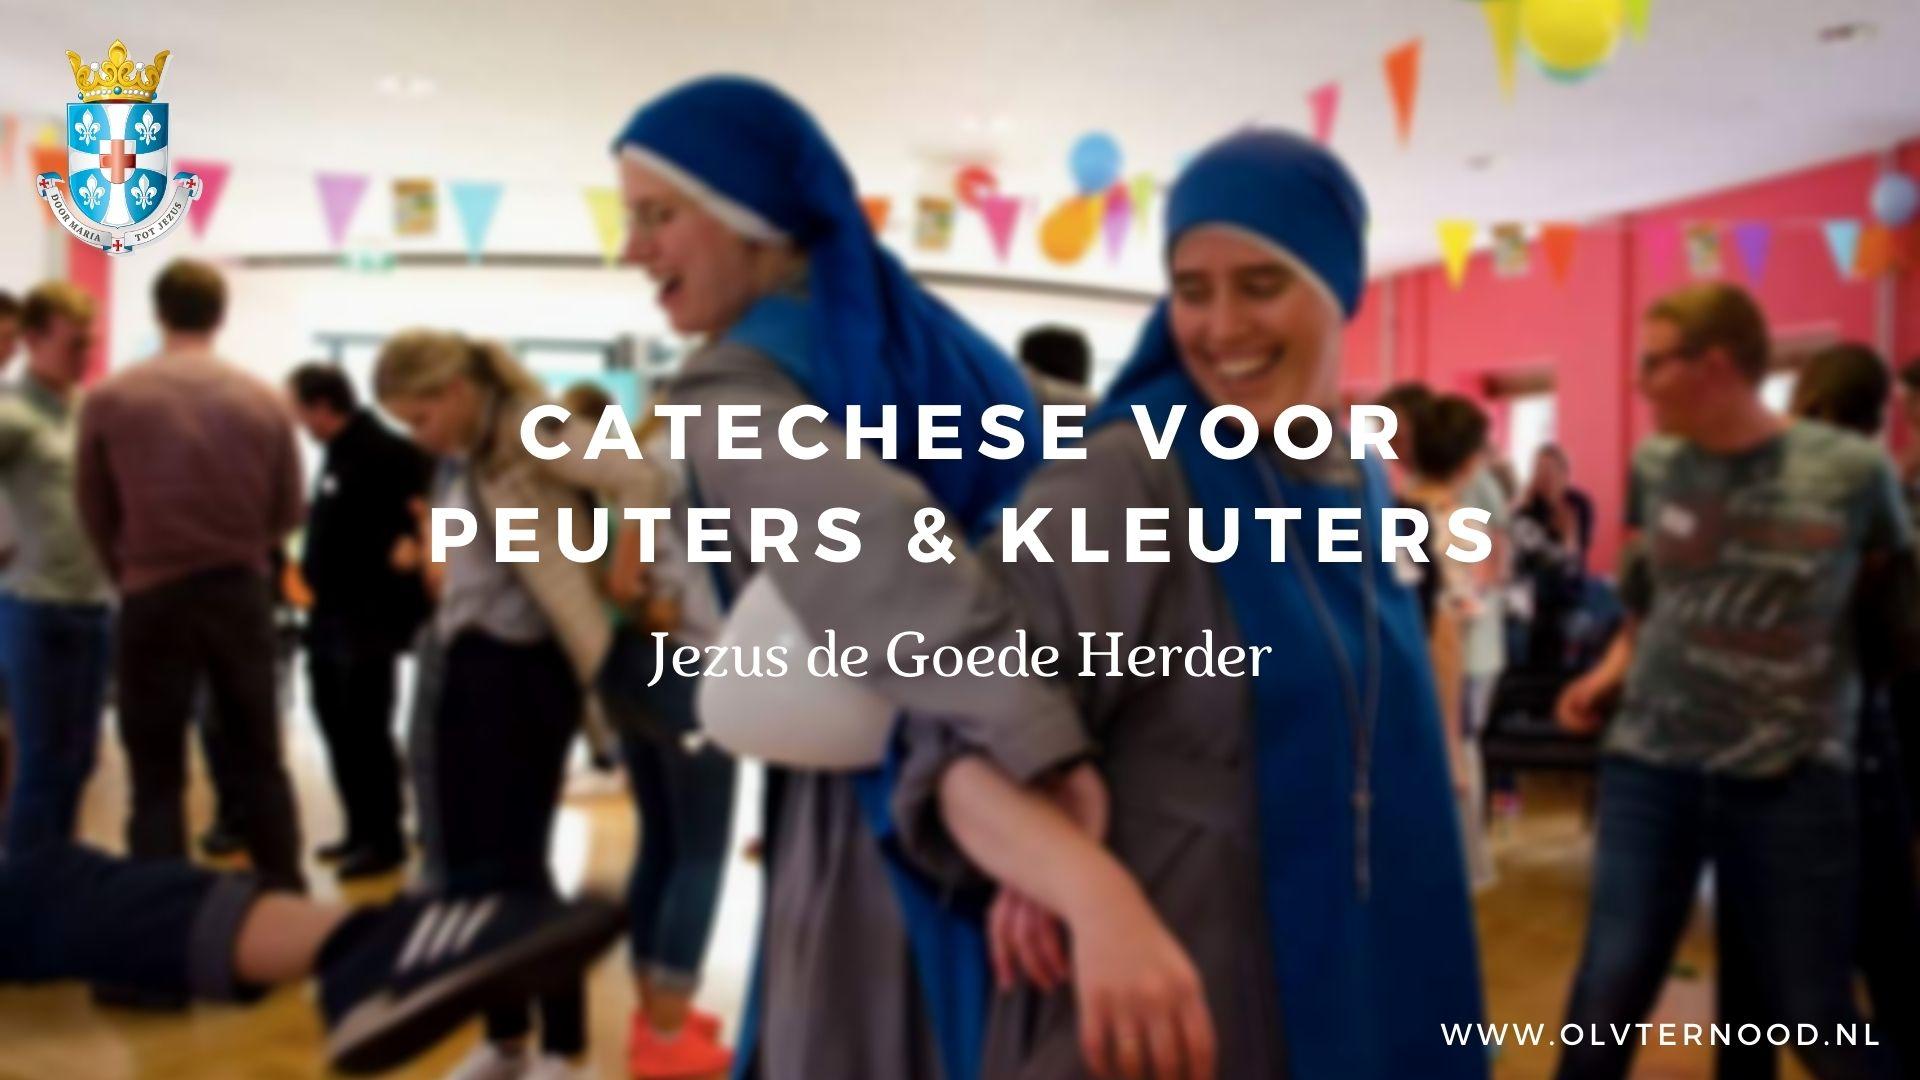 catechese peuters en kleuters jezus de goede herder